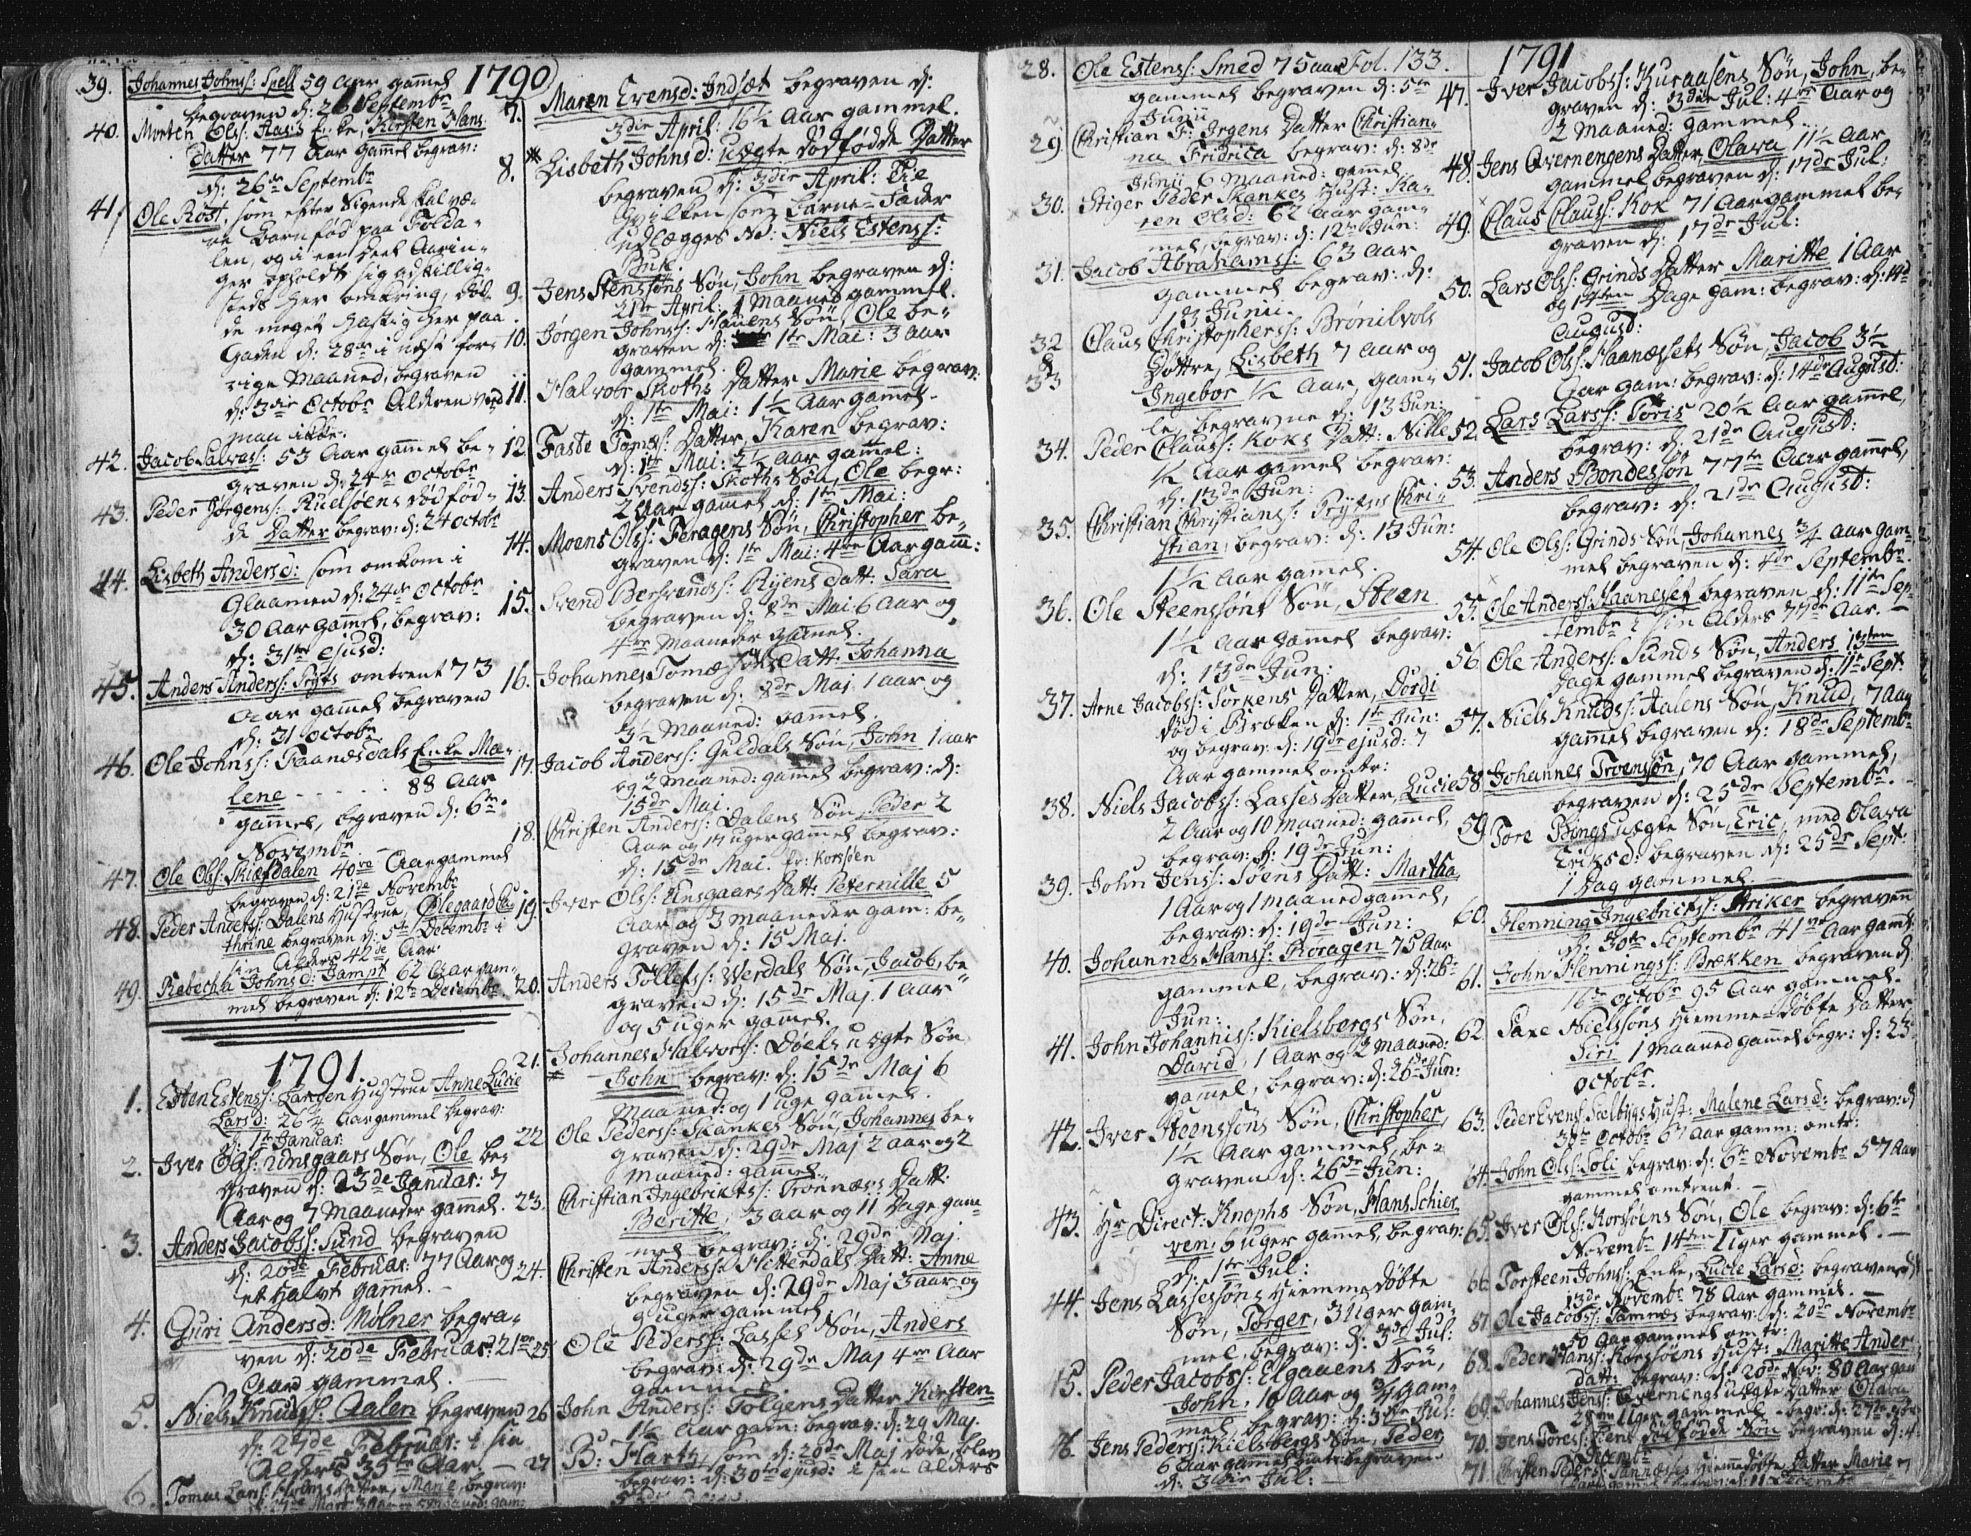 SAT, Ministerialprotokoller, klokkerbøker og fødselsregistre - Sør-Trøndelag, 681/L0926: Ministerialbok nr. 681A04, 1767-1797, s. 133